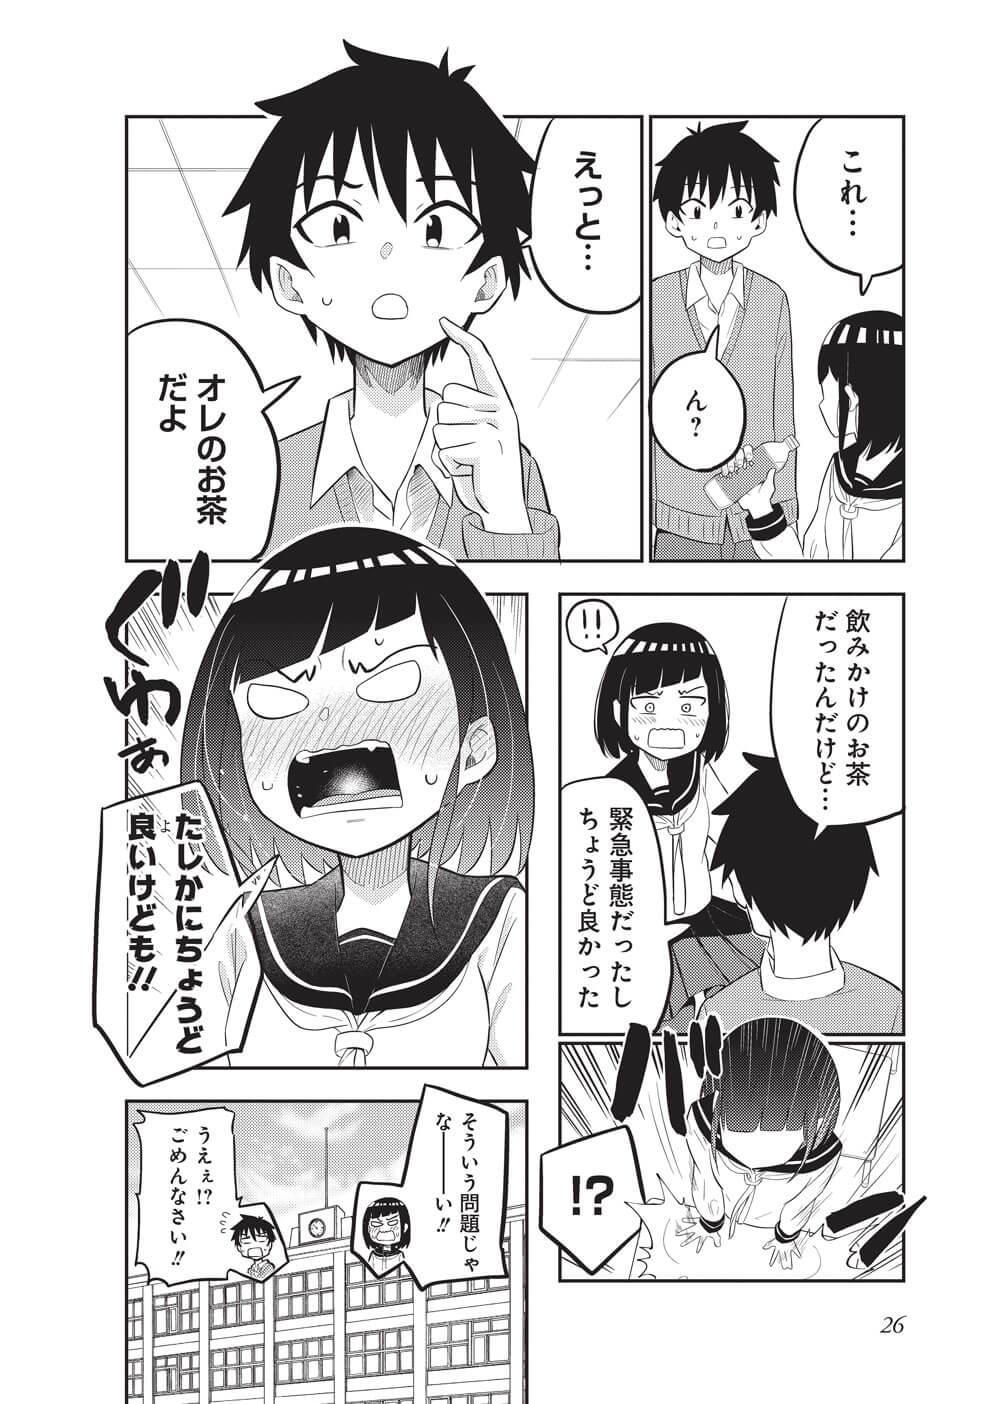 クラスメイトの田中さんはすごく怖い-3-4